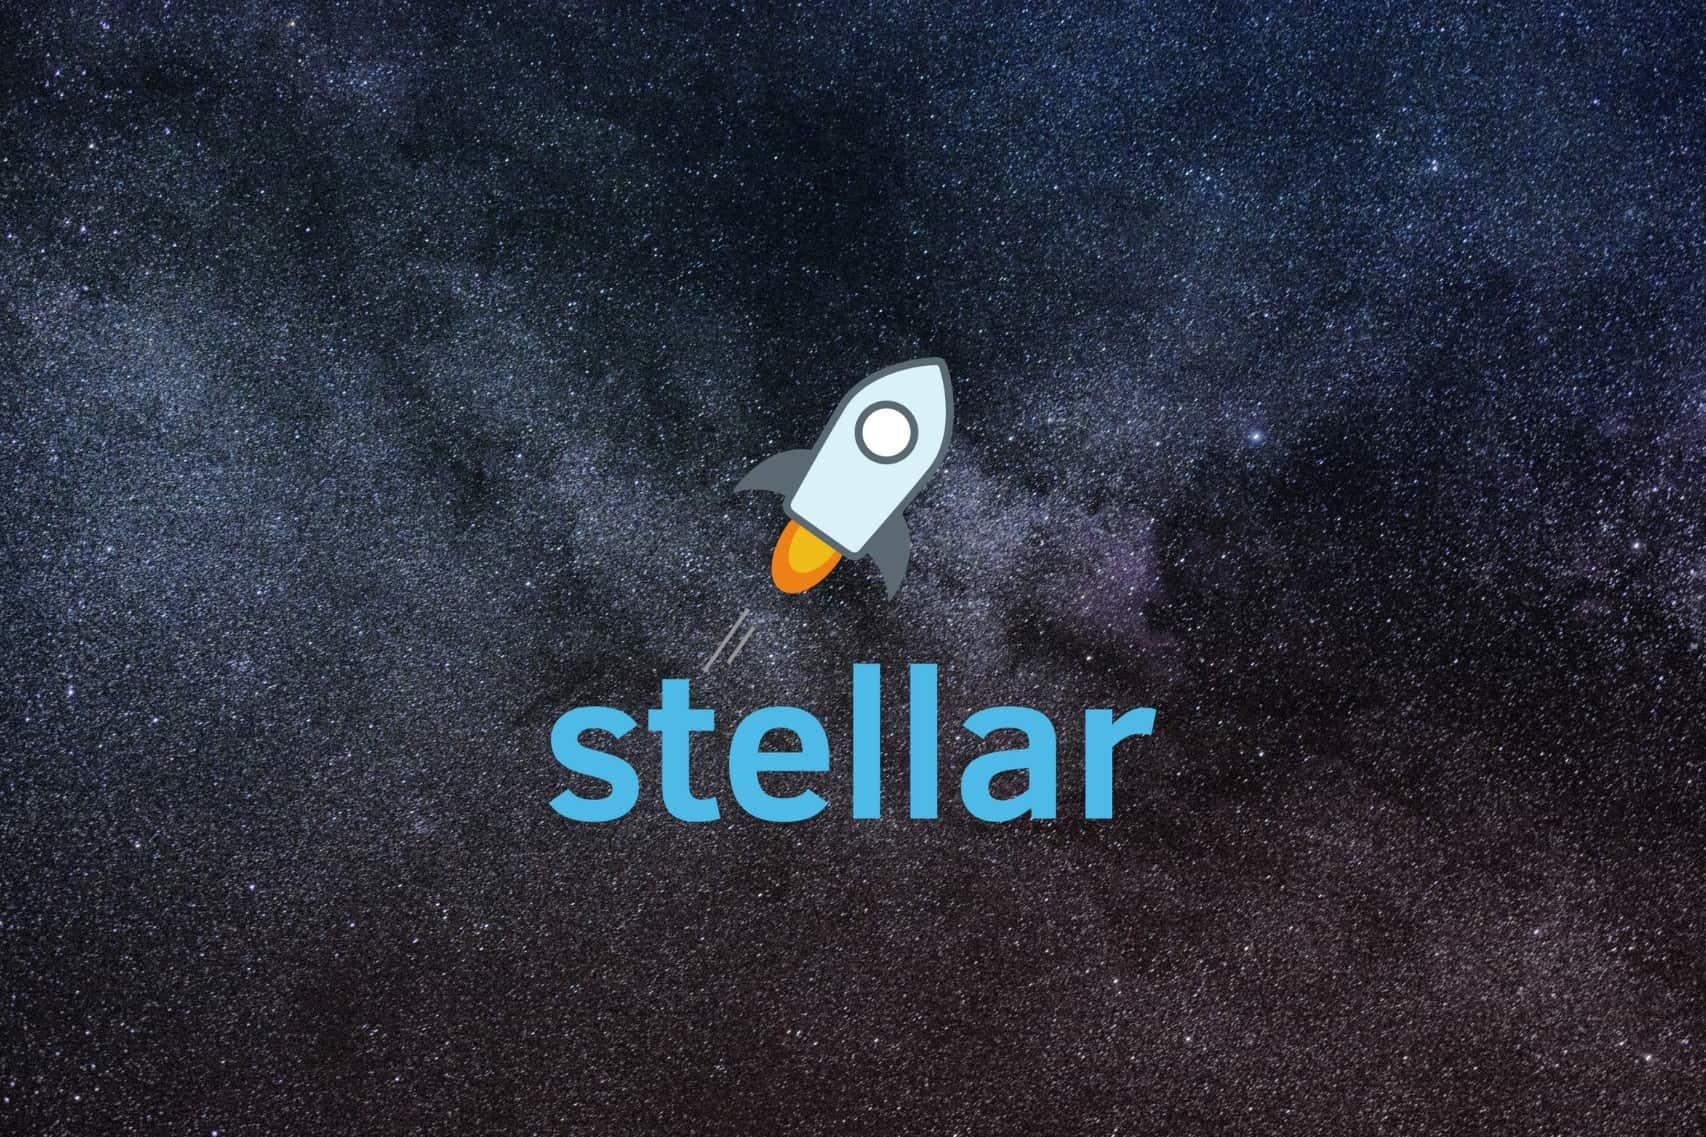 Stellar_launches_Interstellar